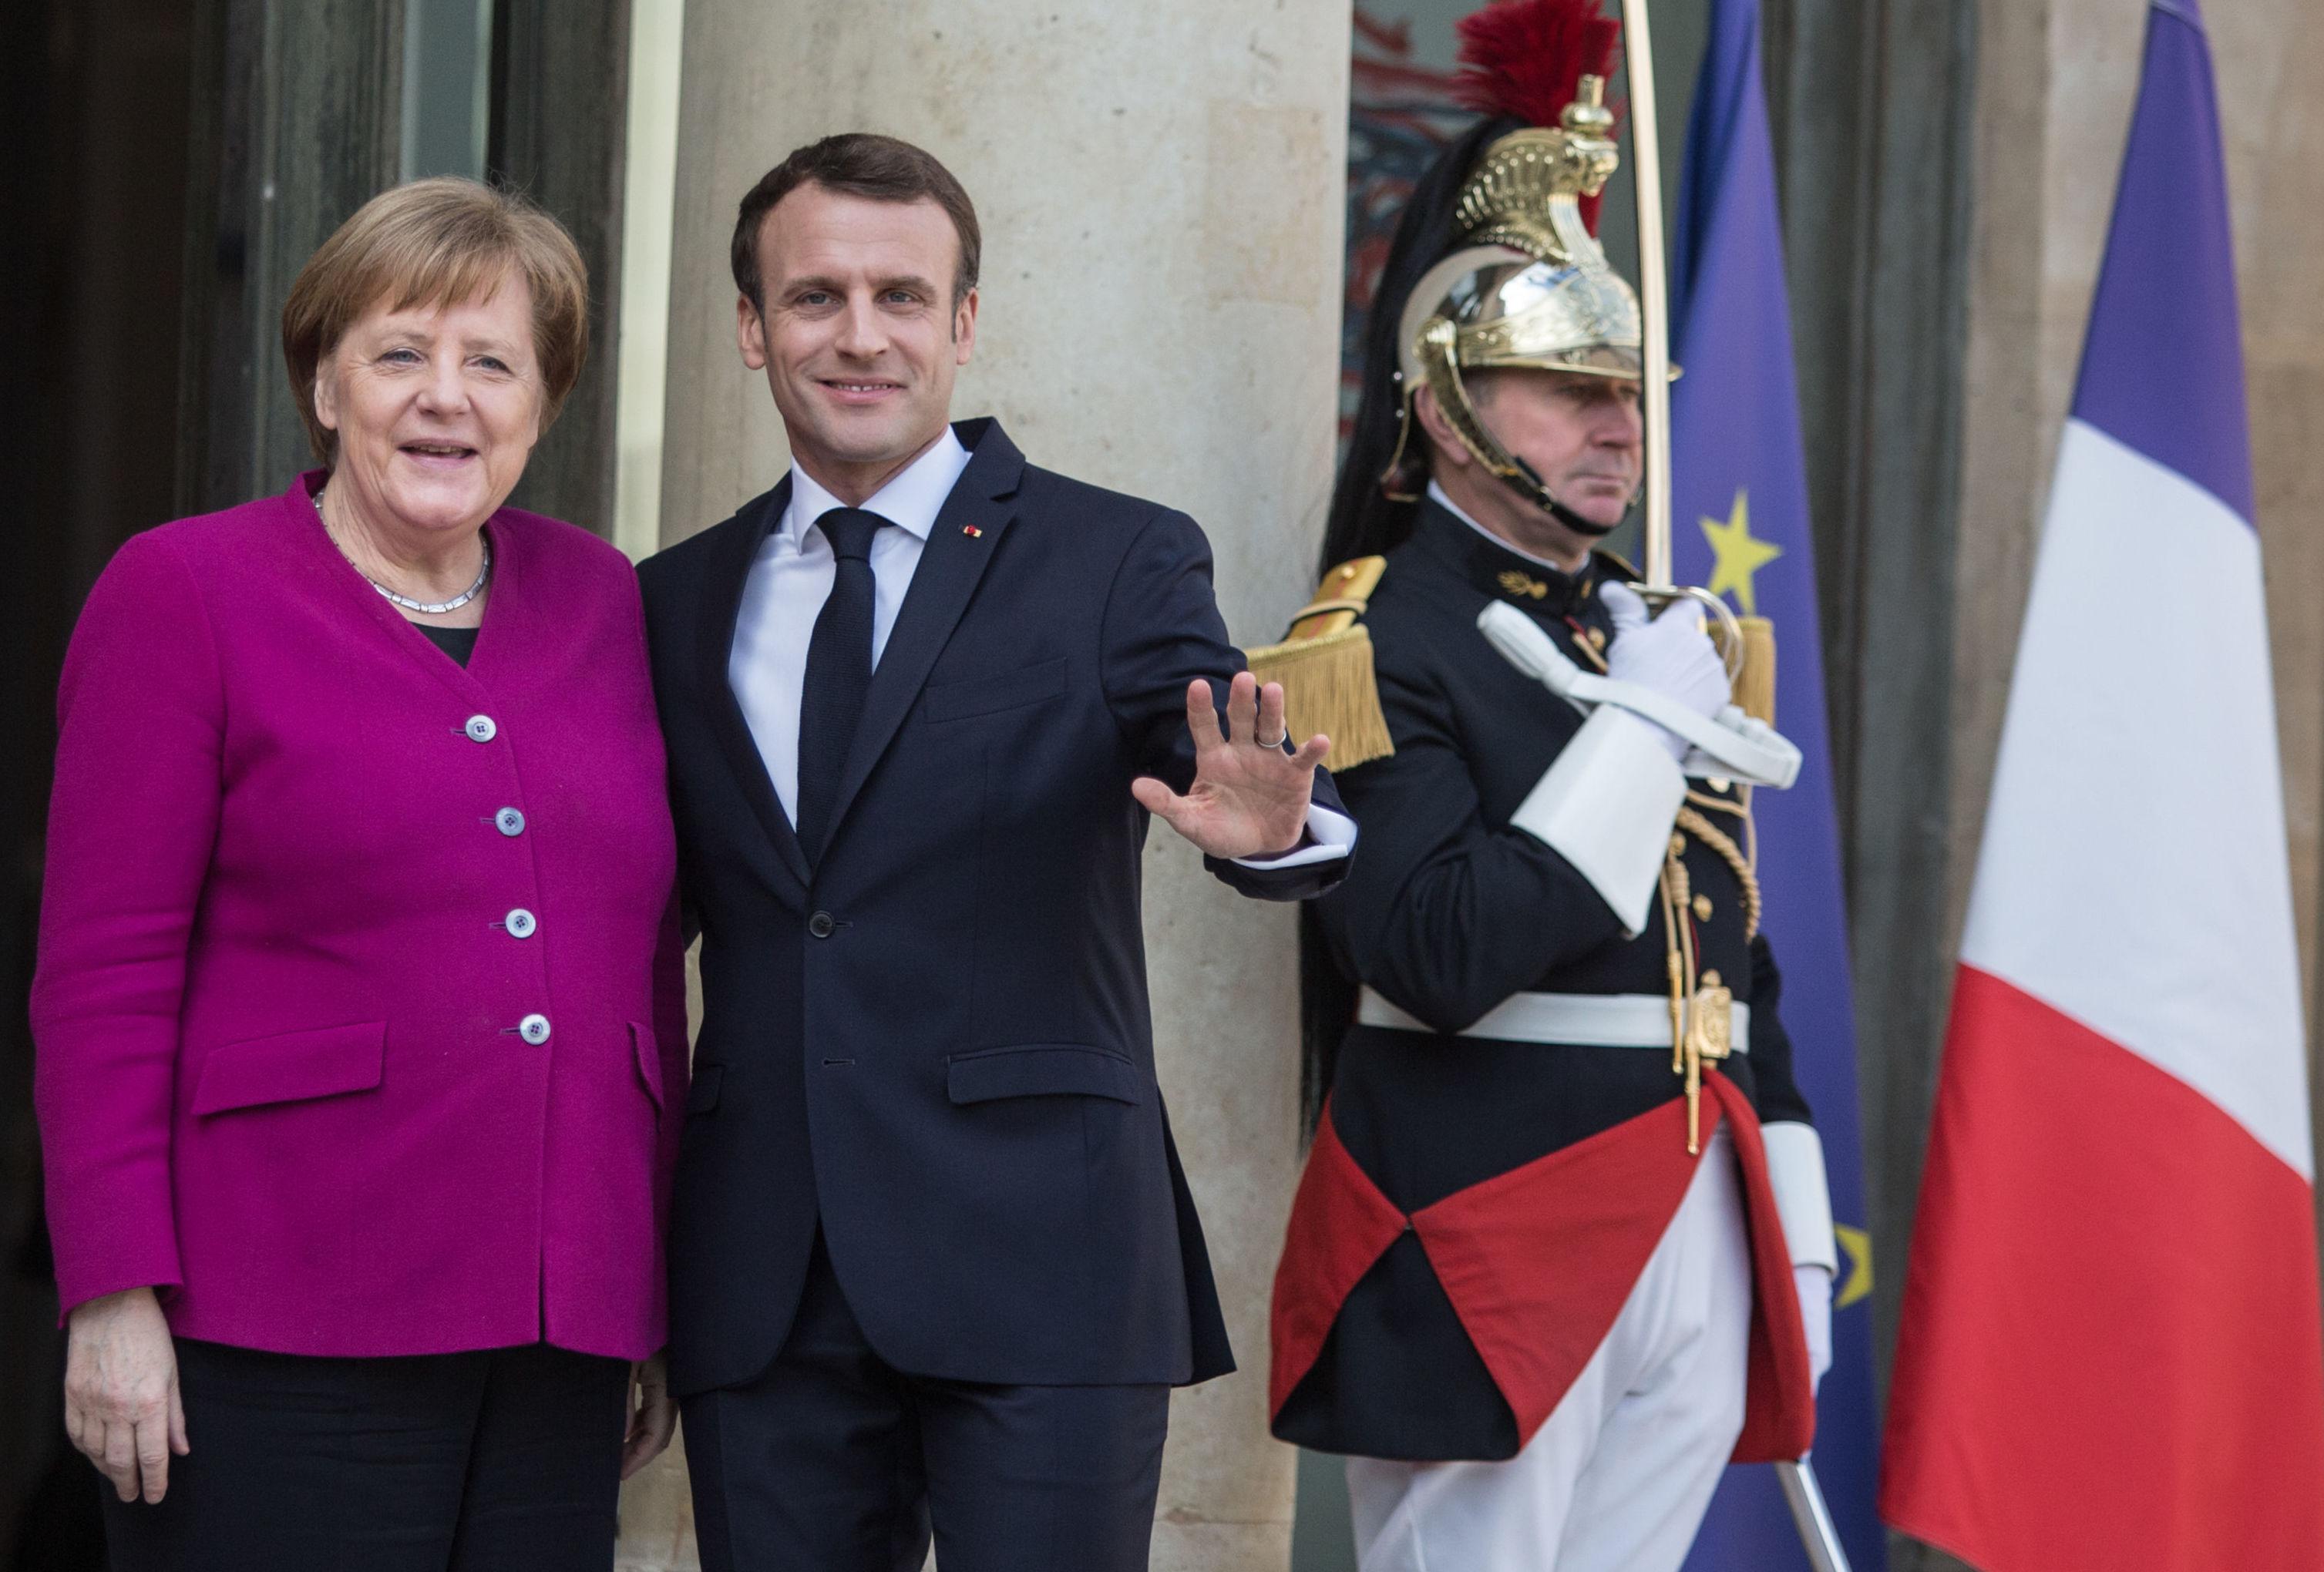 Chanceler federal da Alemanha, Angela Merkel, e o presidente da França, Emmanuel Macron, durante a cúpula dos líderes da UE e da China no Palácio do Eliseu, em Paris